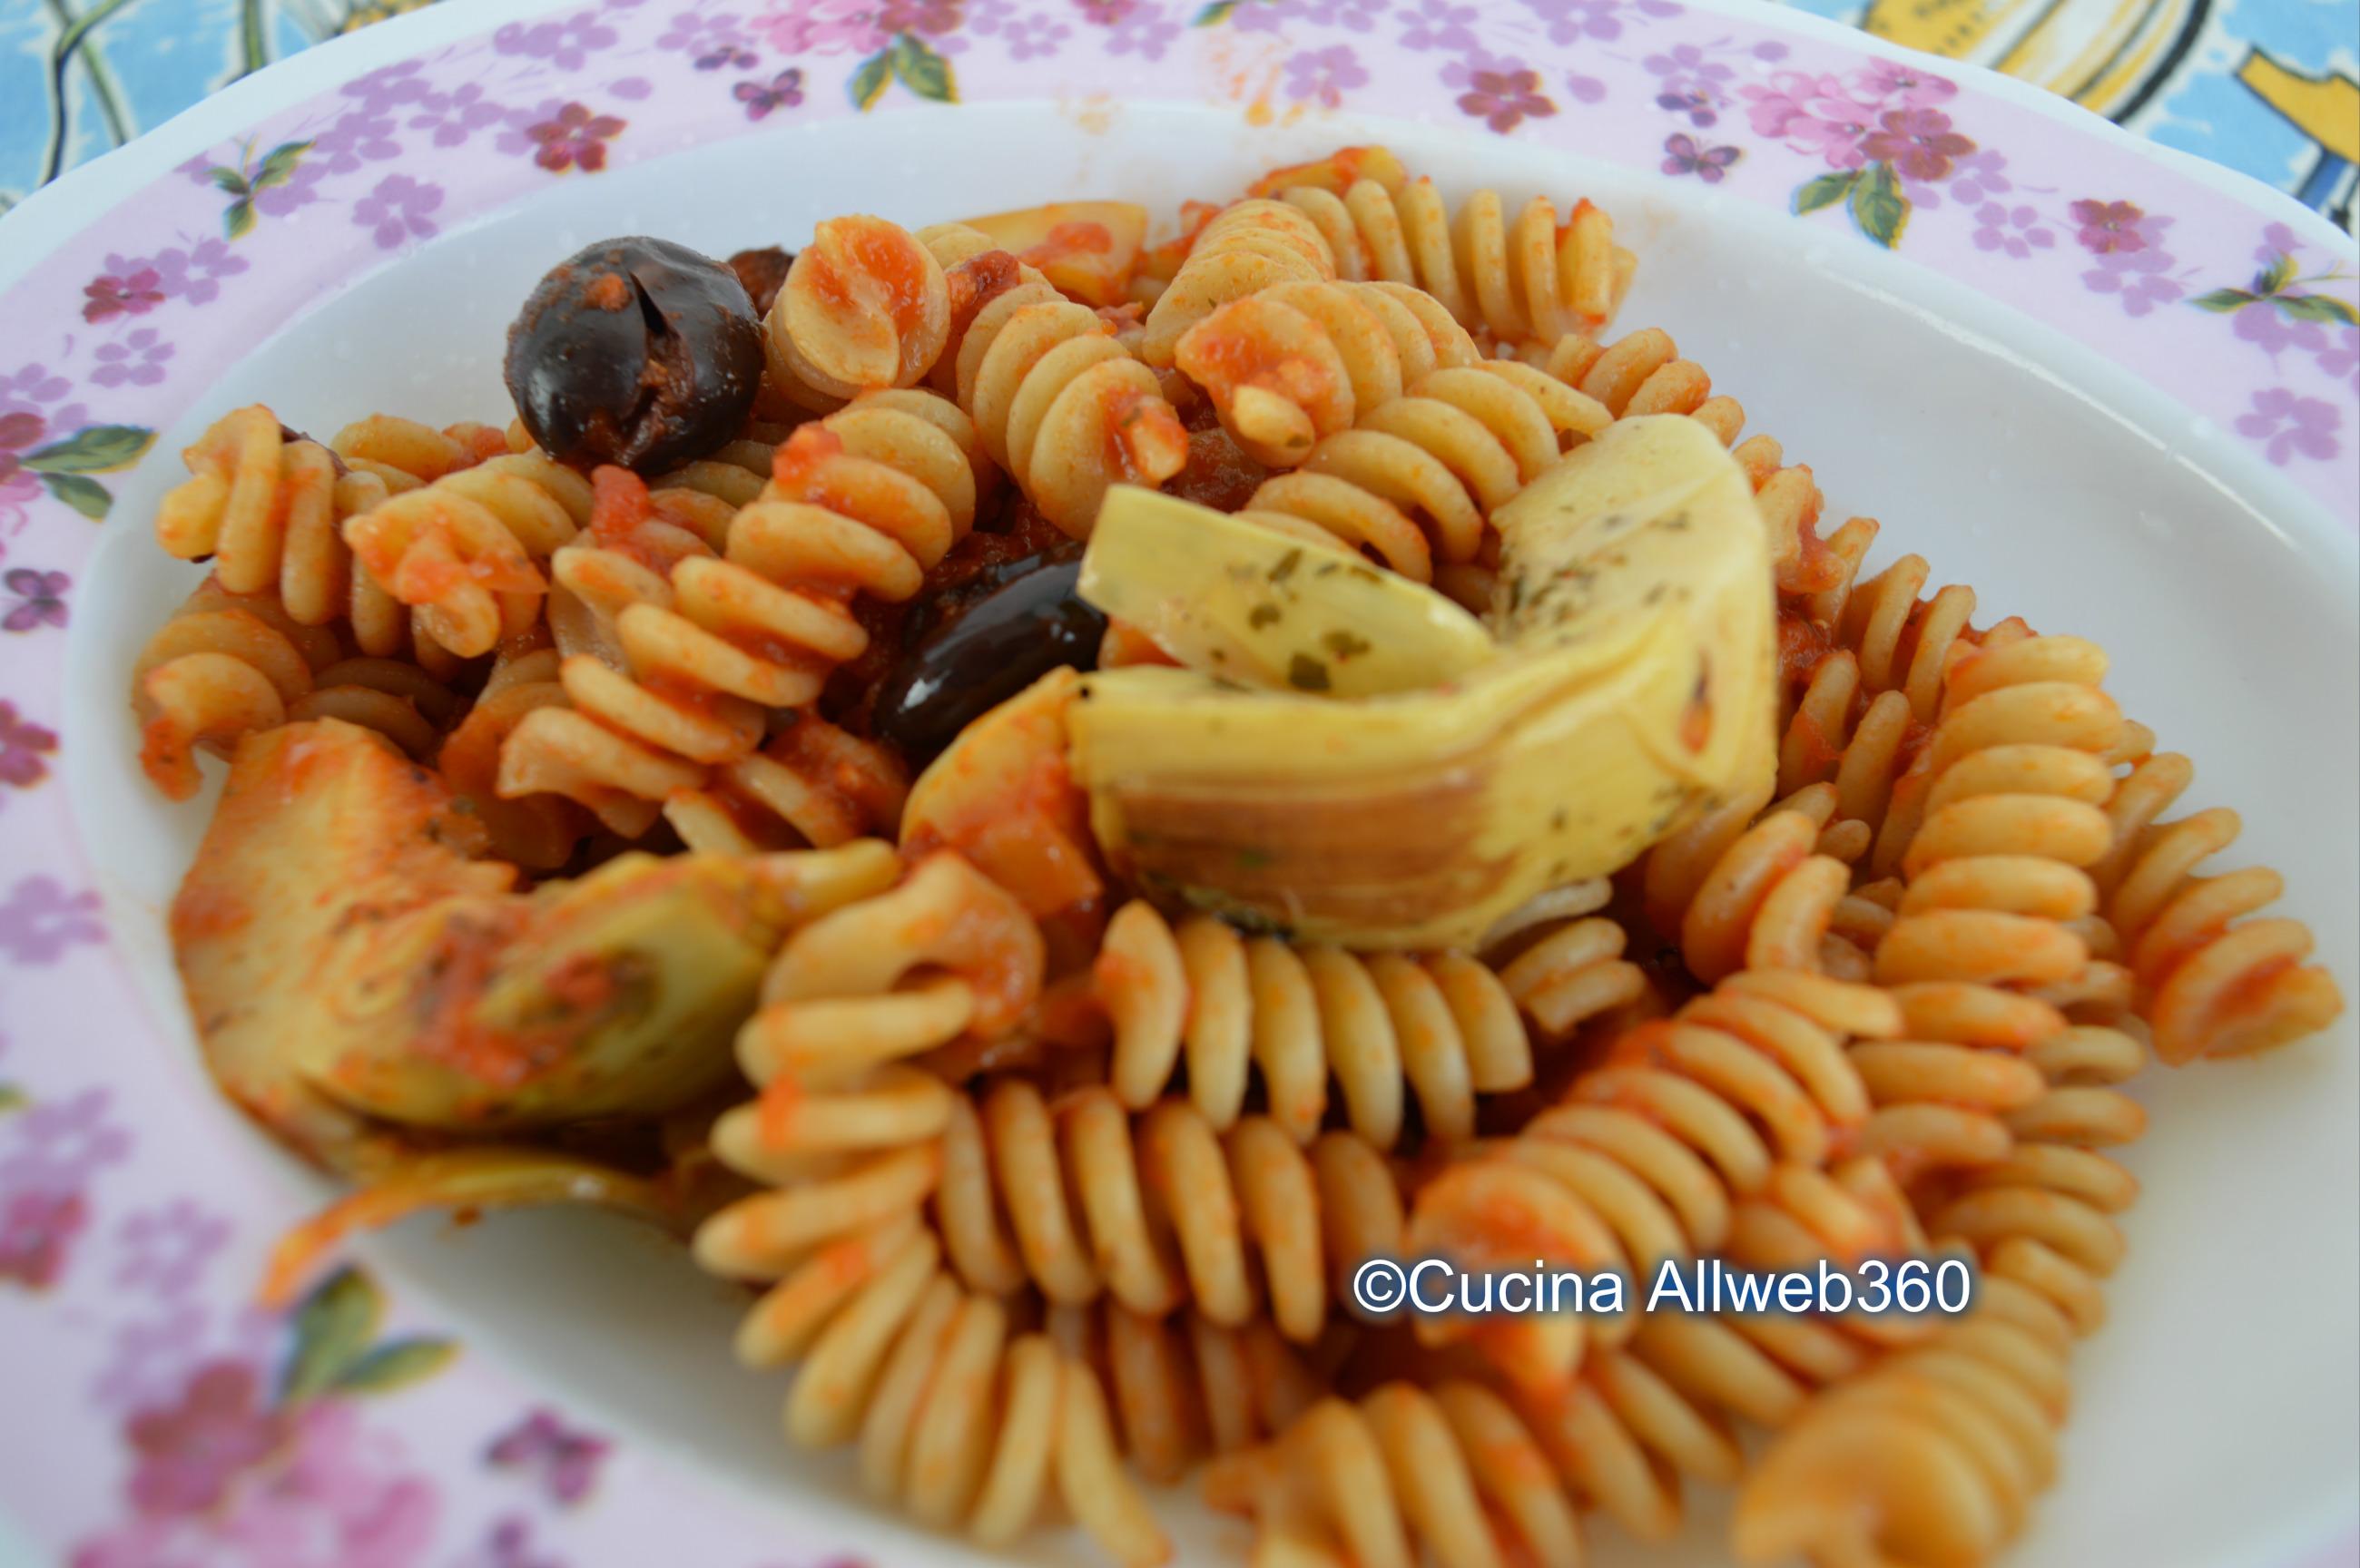 Pasta con carciofi e olive, al pomodoro